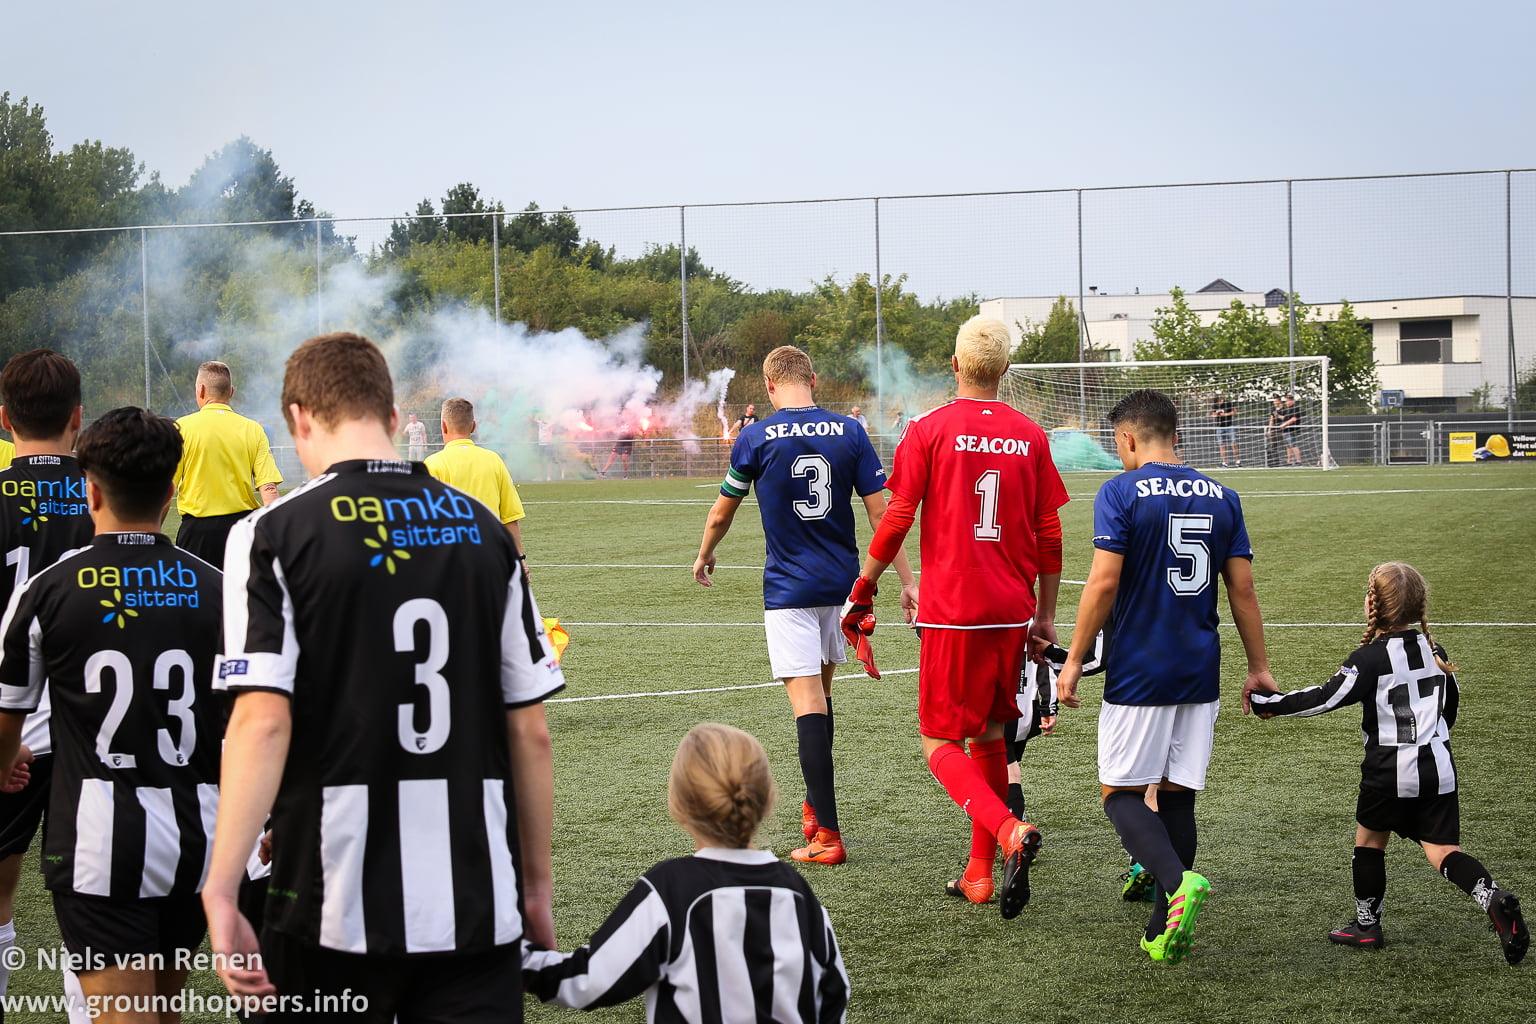 VV Sittard 0 Fortuna Sittard 8